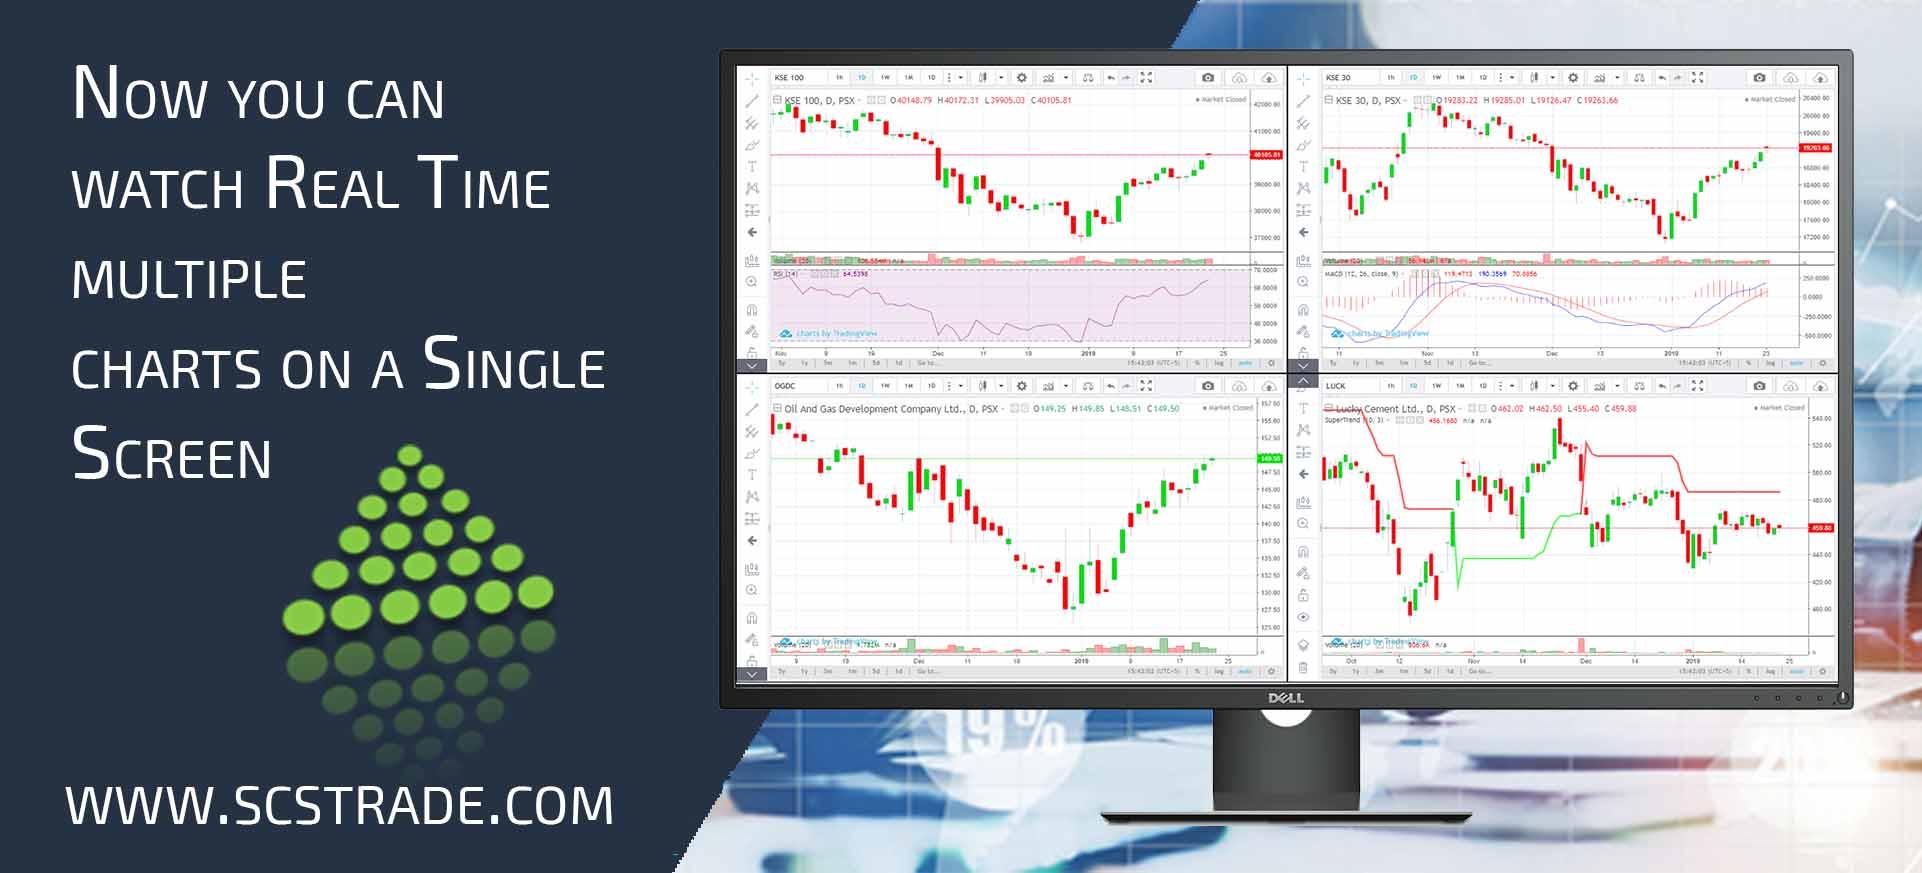 SCS - PSX - Pakistan Stock Exchange Brokerage | Online